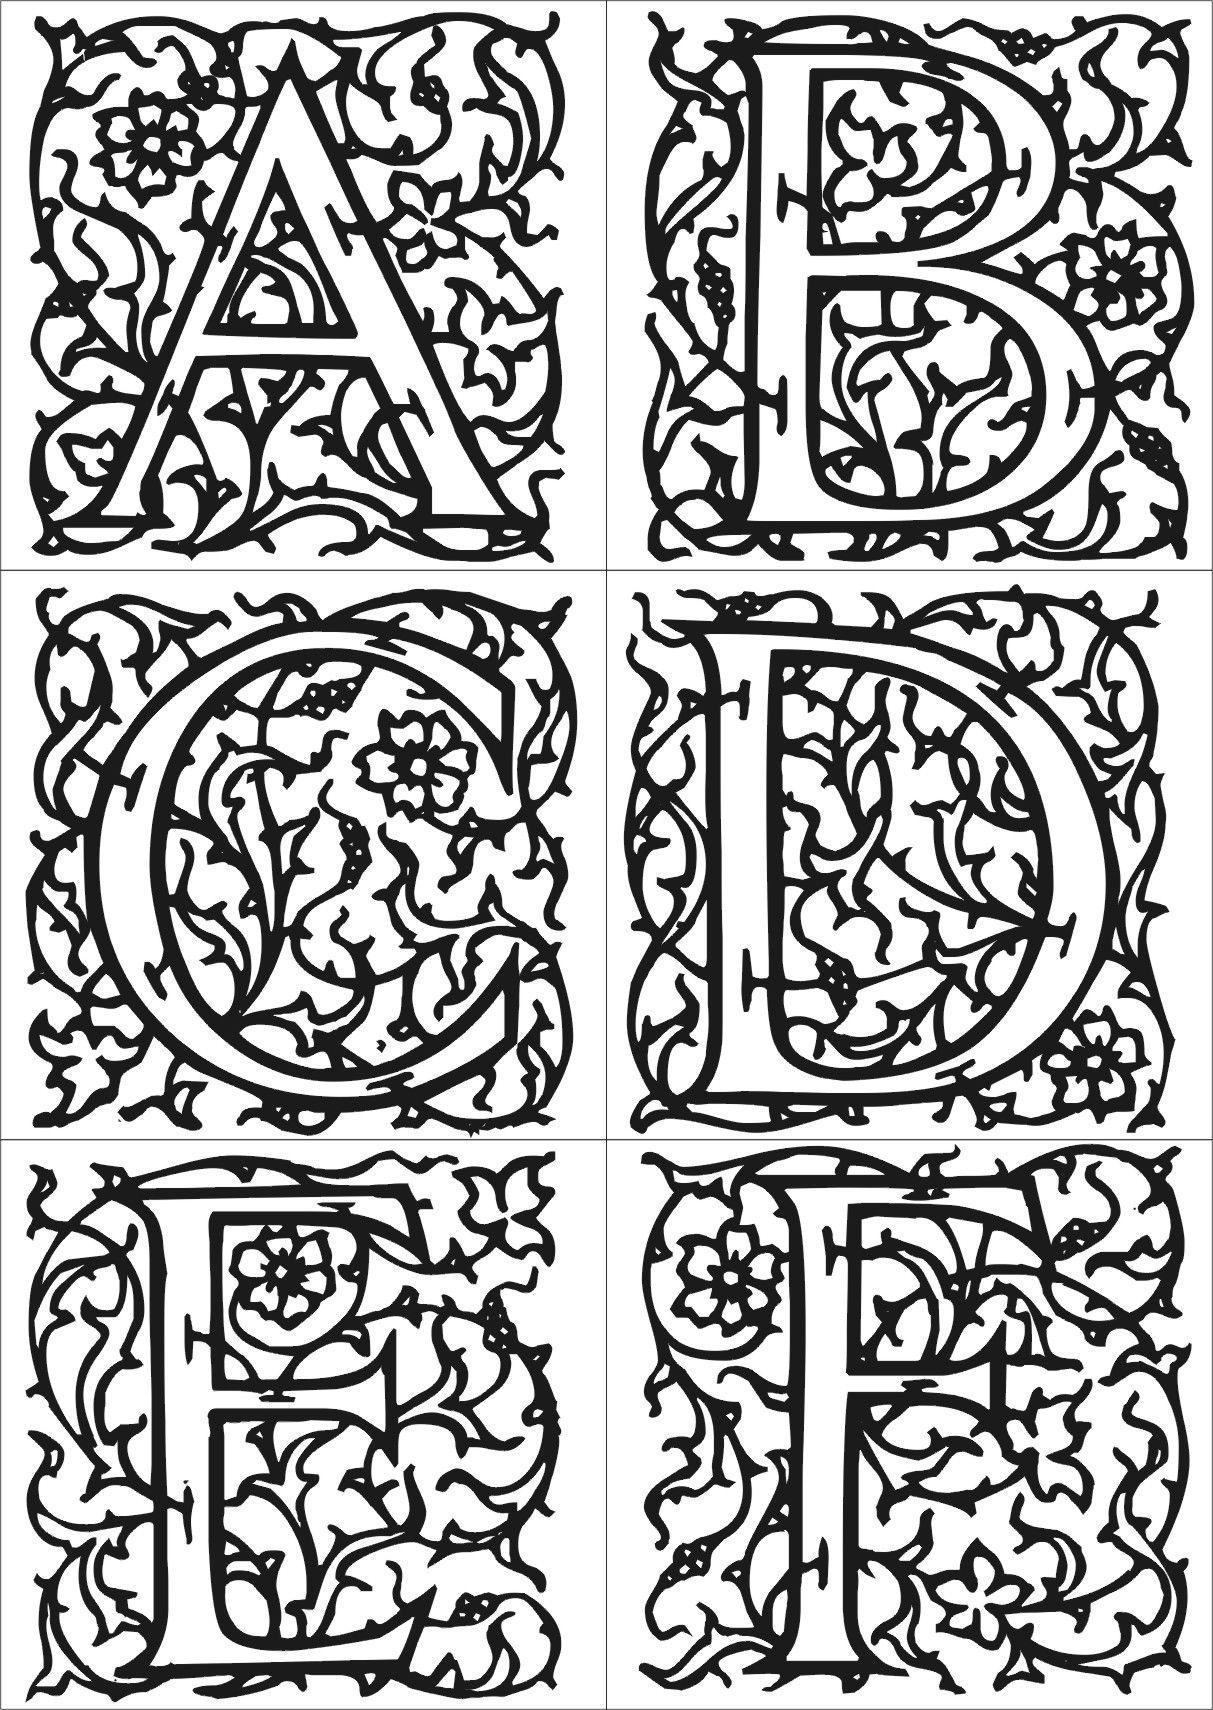 Des lettres az coloriage xpx coloriage enluminure lettre v page 2 car - Comment Dessiner Une Enluminure Du Moyen Age